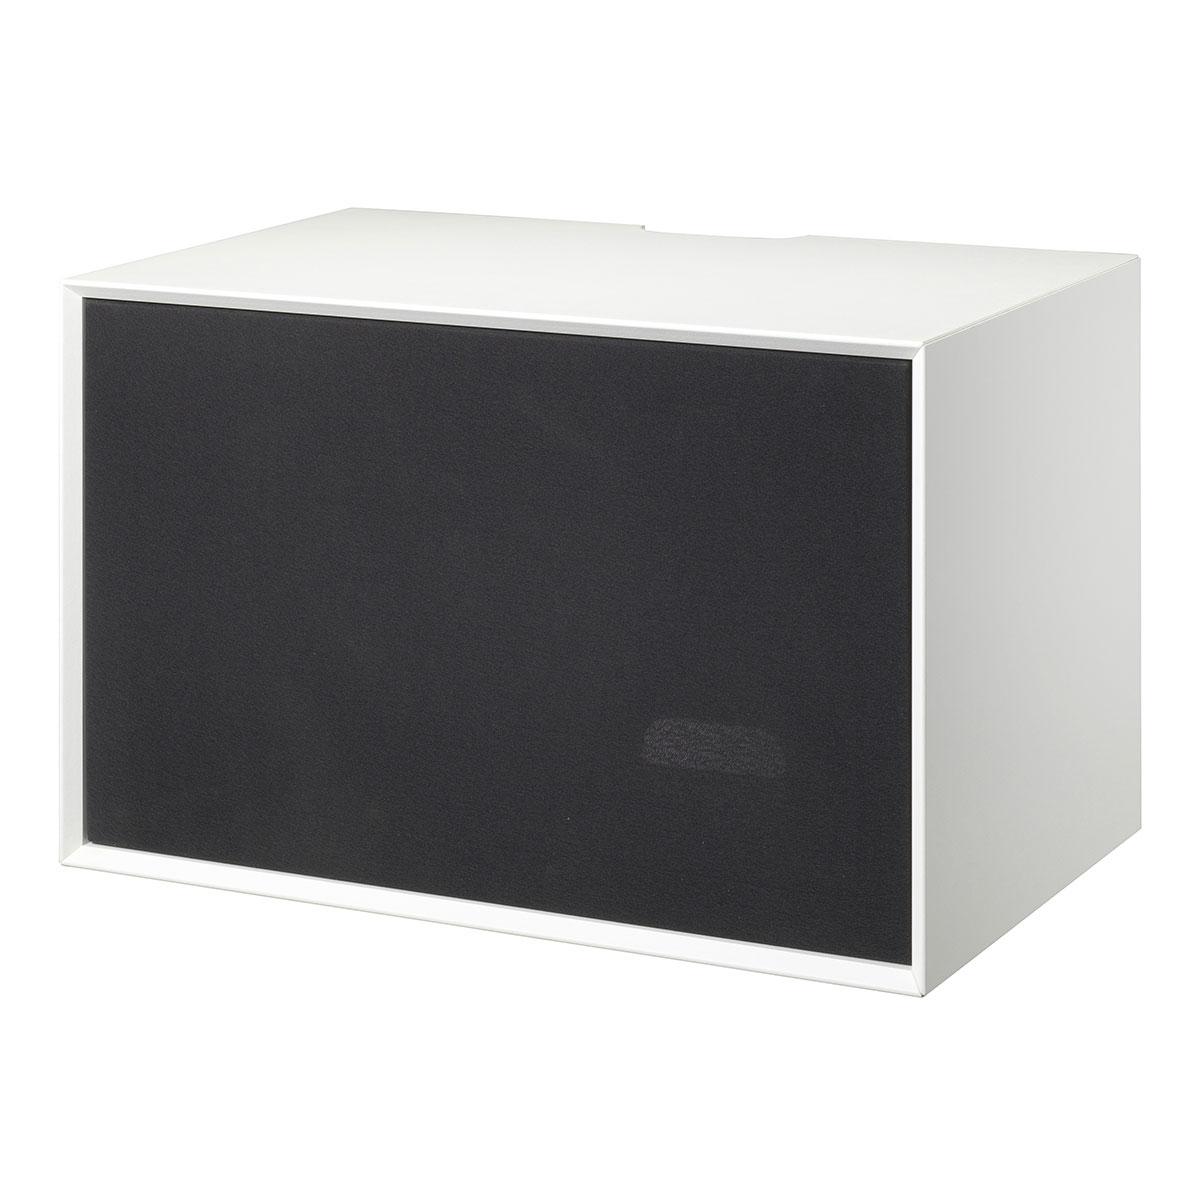 Image of   Living&more skab med stoflåge - The Box - 37 x 58 x 34 cm - Hvid/sort